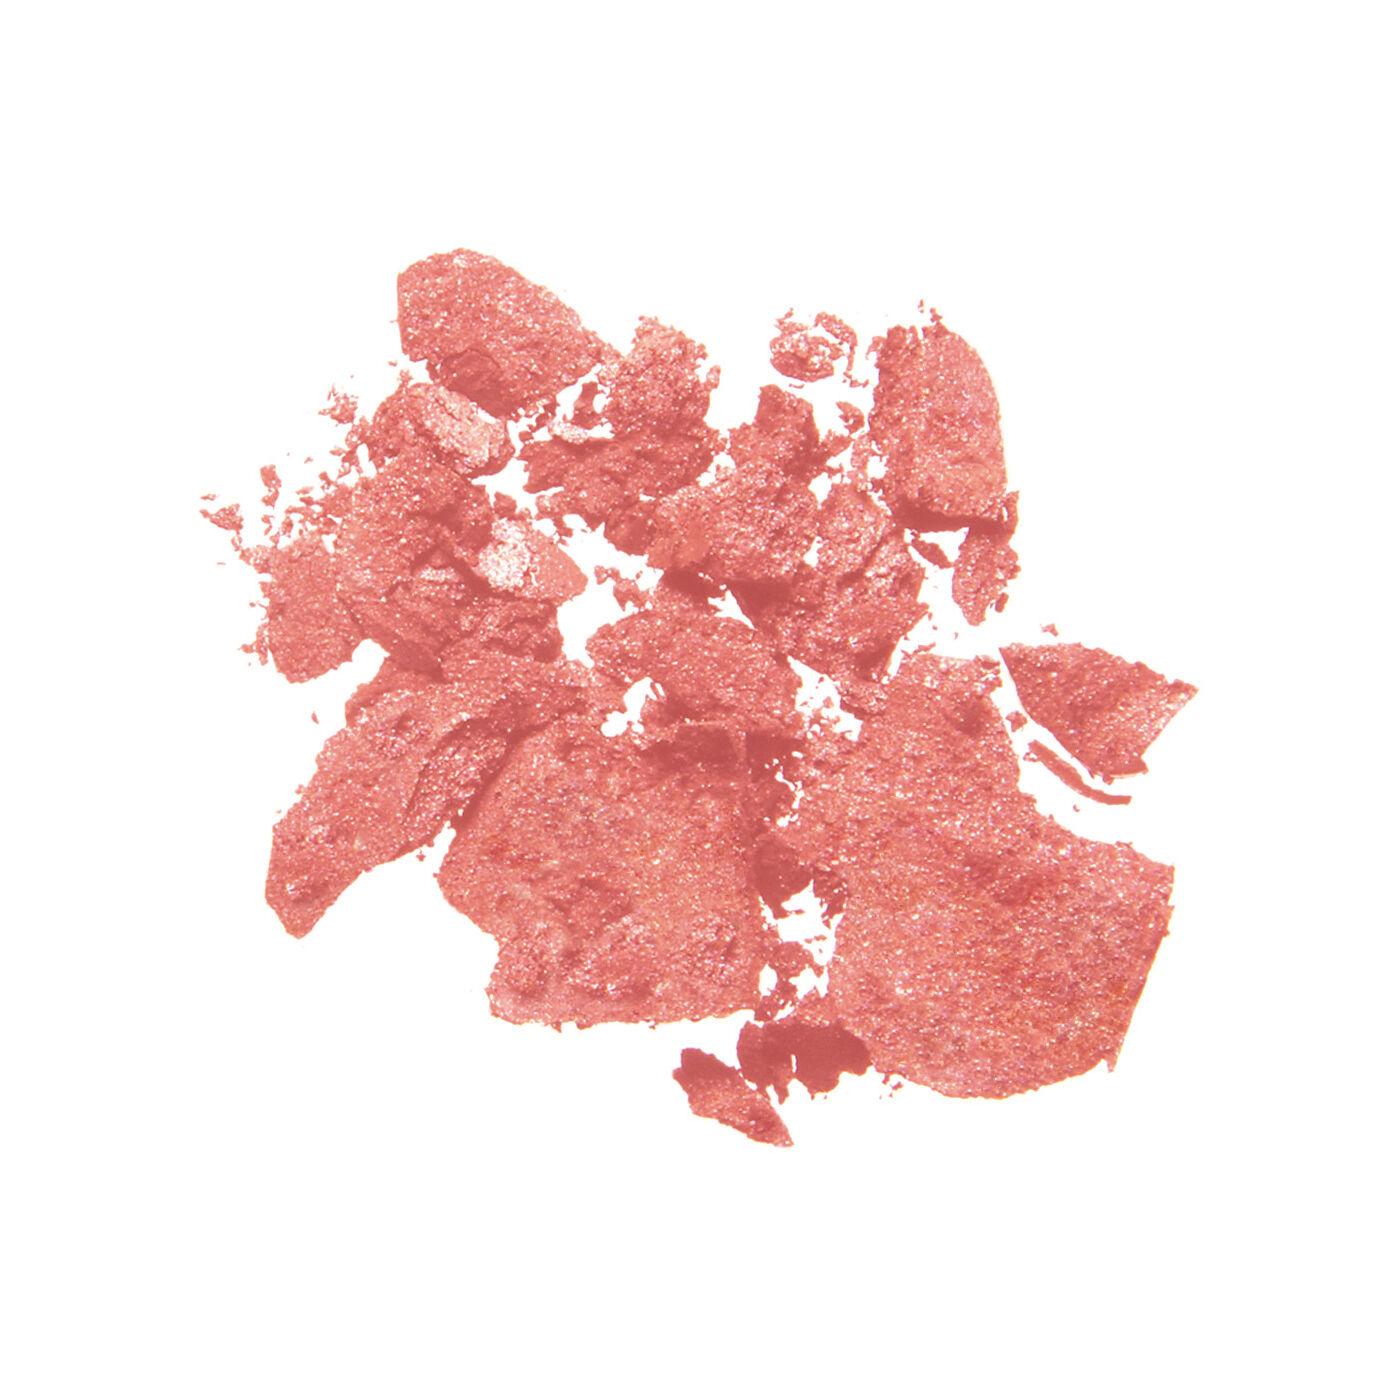 Puder-Rouge%20Skin%20Illusion%20Blush